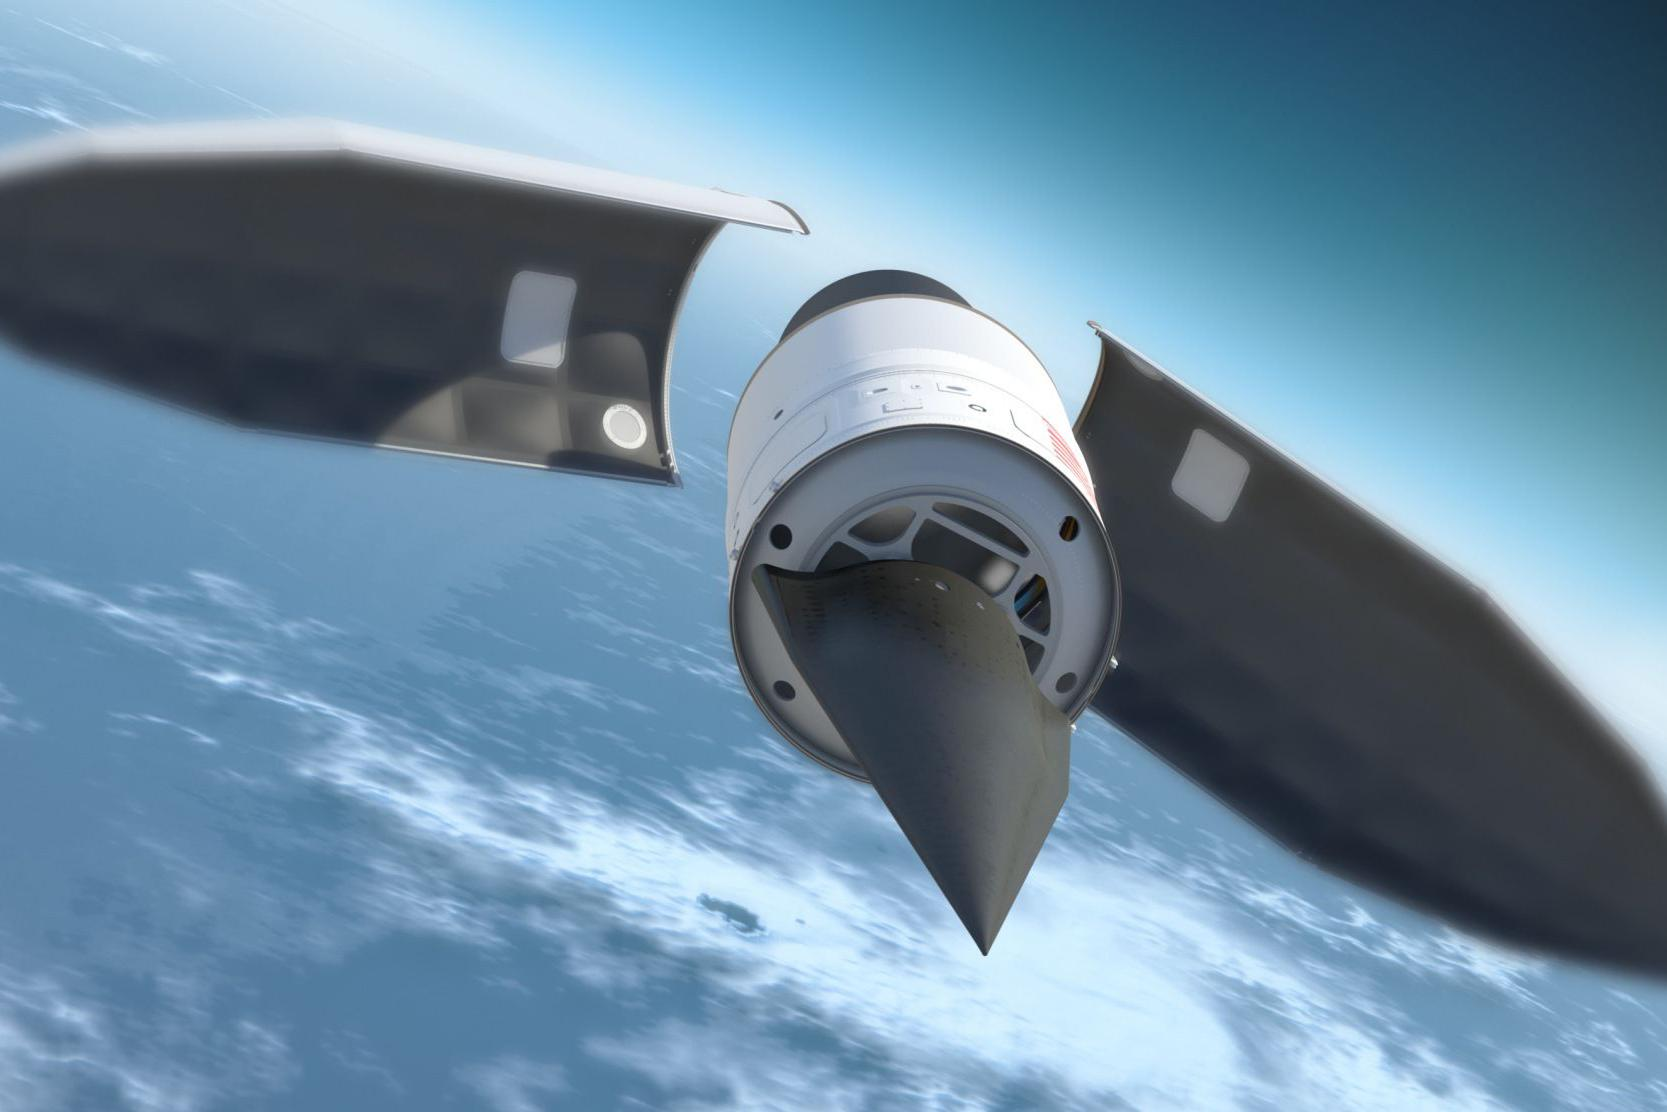 常规导弹速度最大8马赫,卫星速度23马赫,洲际导弹速度有多快?